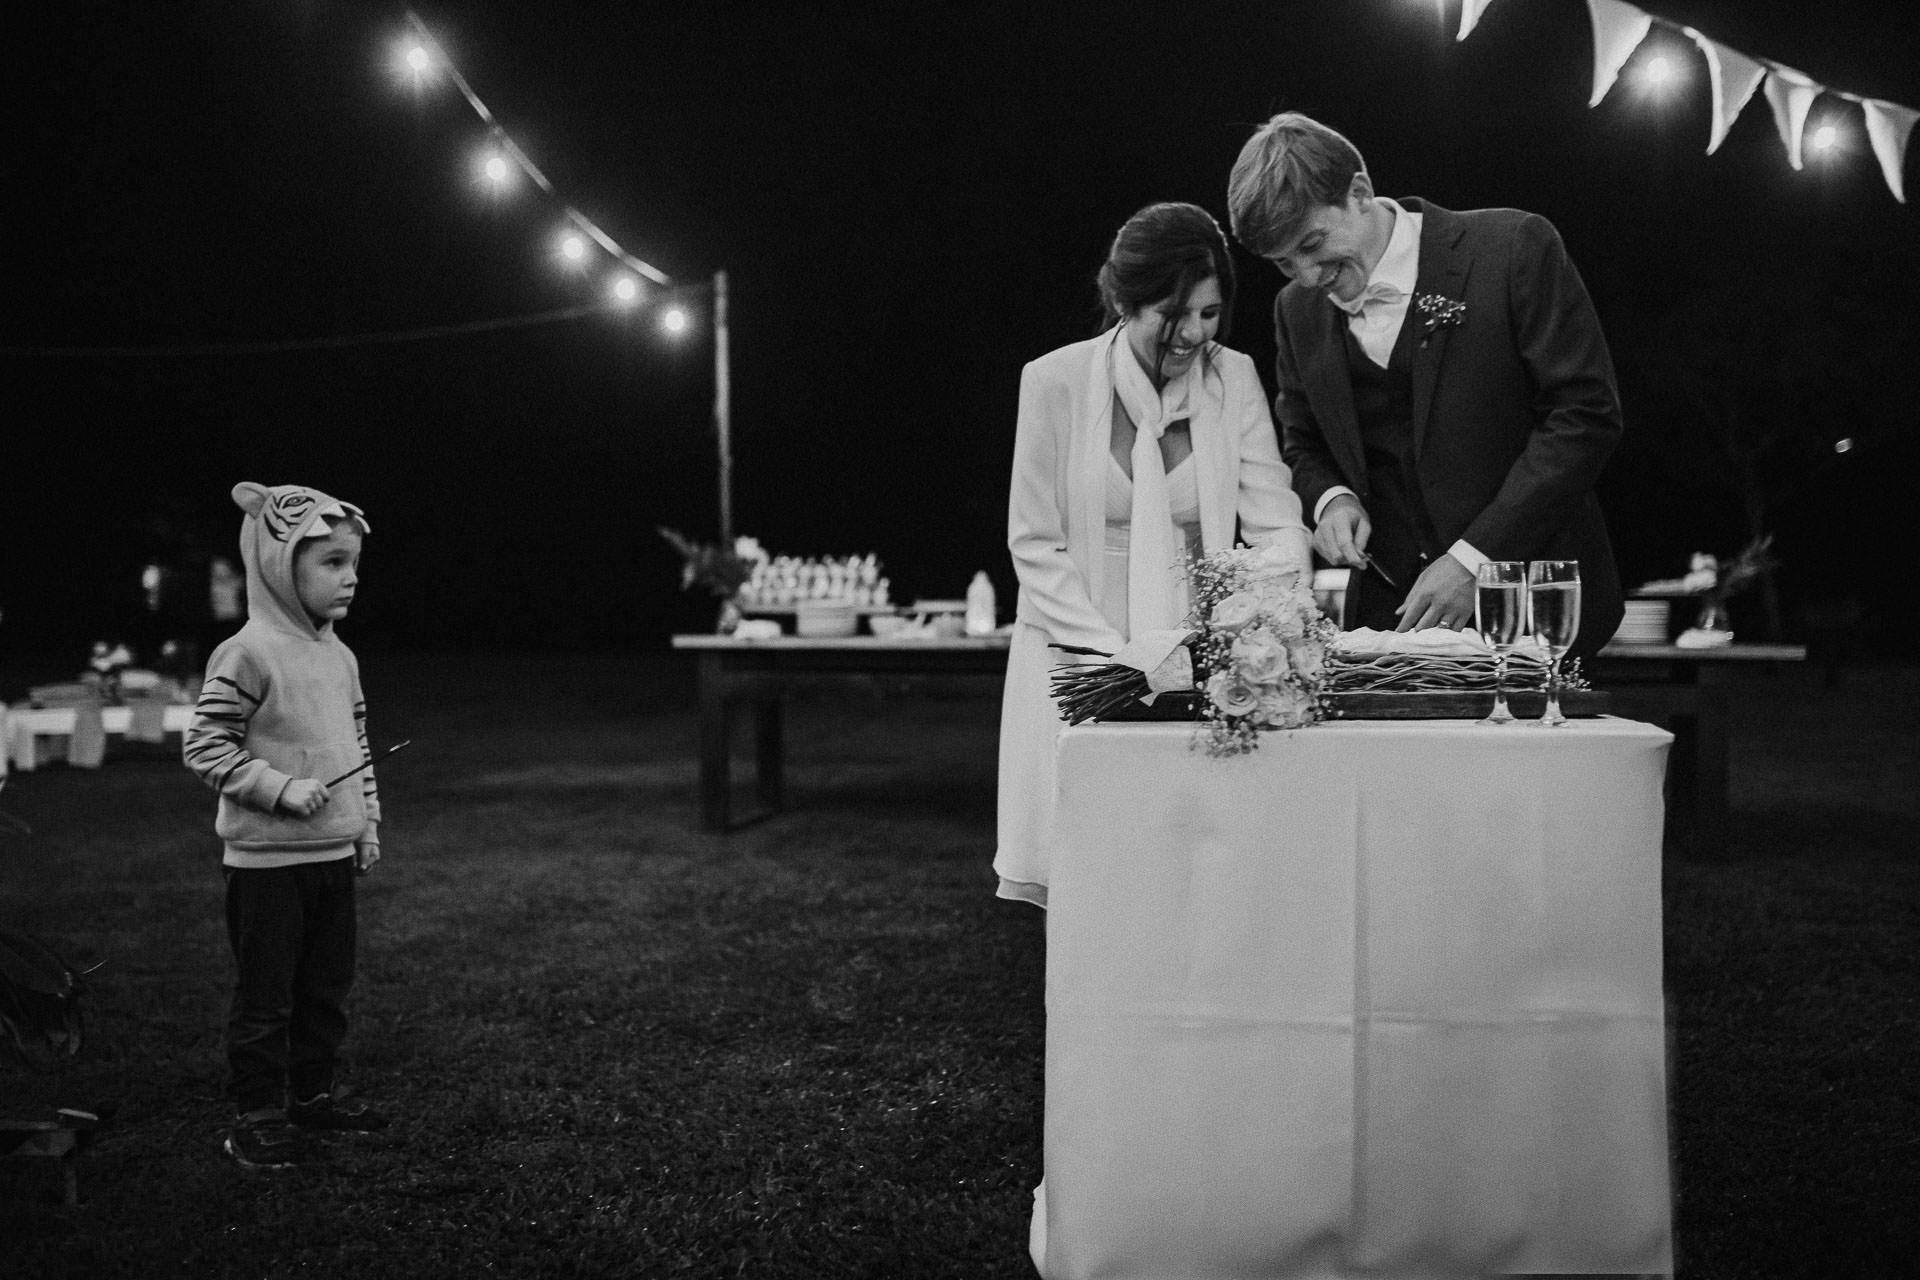 Fiesta de casamiento, Boda en Estancia La Linda, fotógrafo de bodas, Norman Parunov